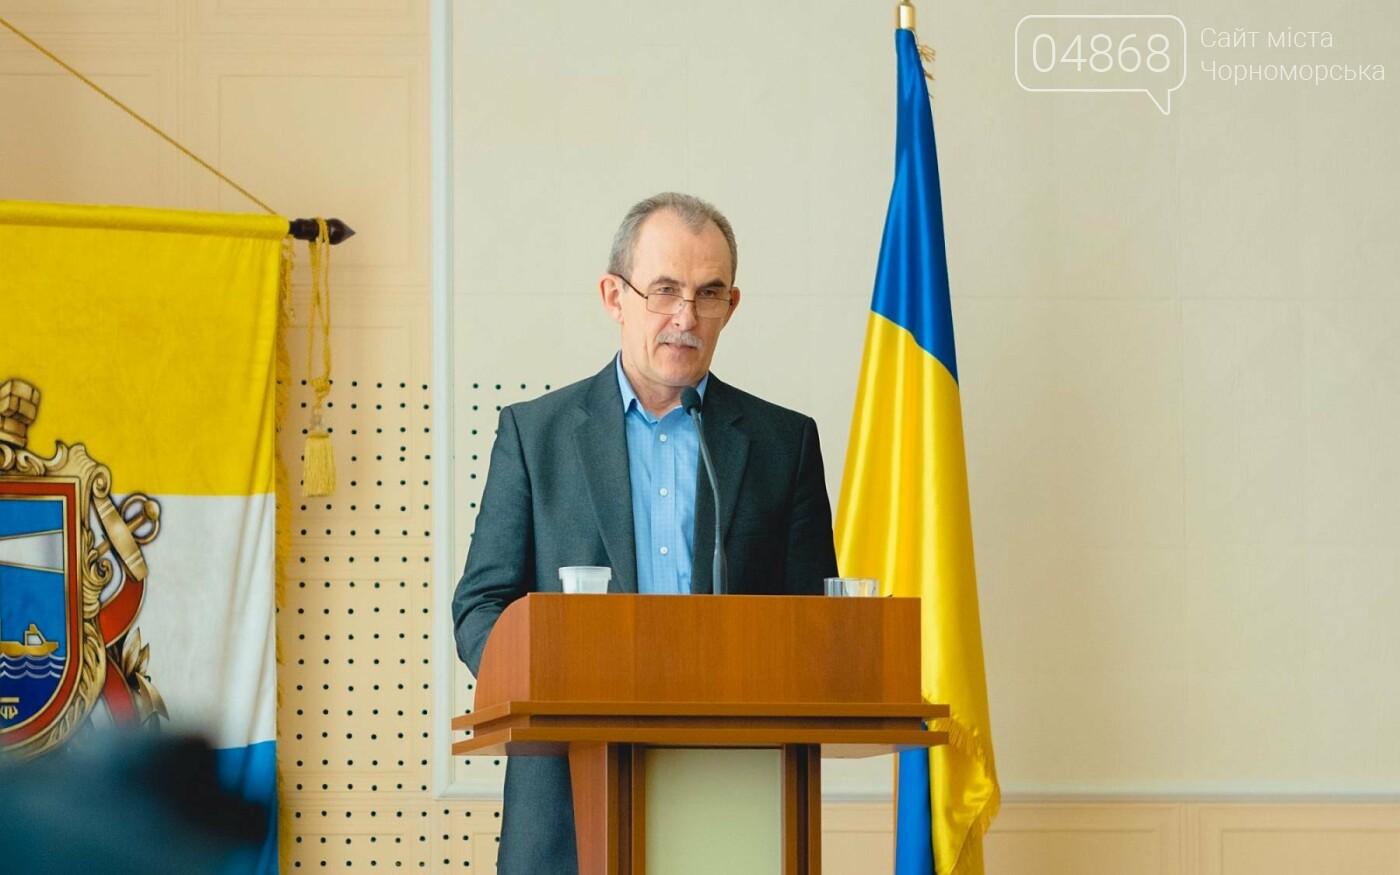 Решения по развитию Черноморска приняты на сессии городского совета, фото-4